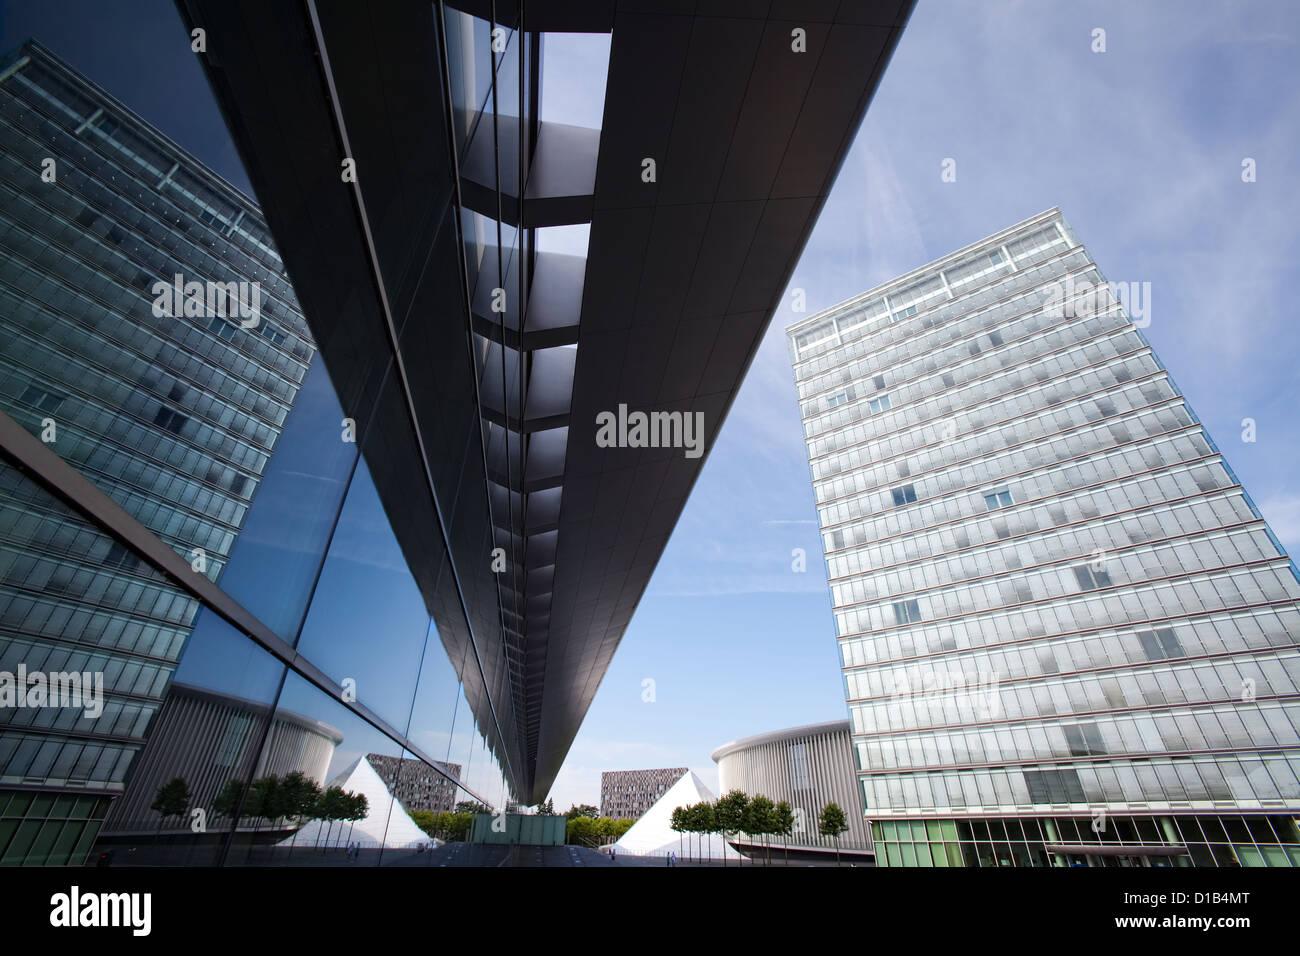 Architettura moderna, riflessi nelle finestre del Centro Congressi, Place de l'Europe, Kirchberg, Lussemburgo, Immagini Stock